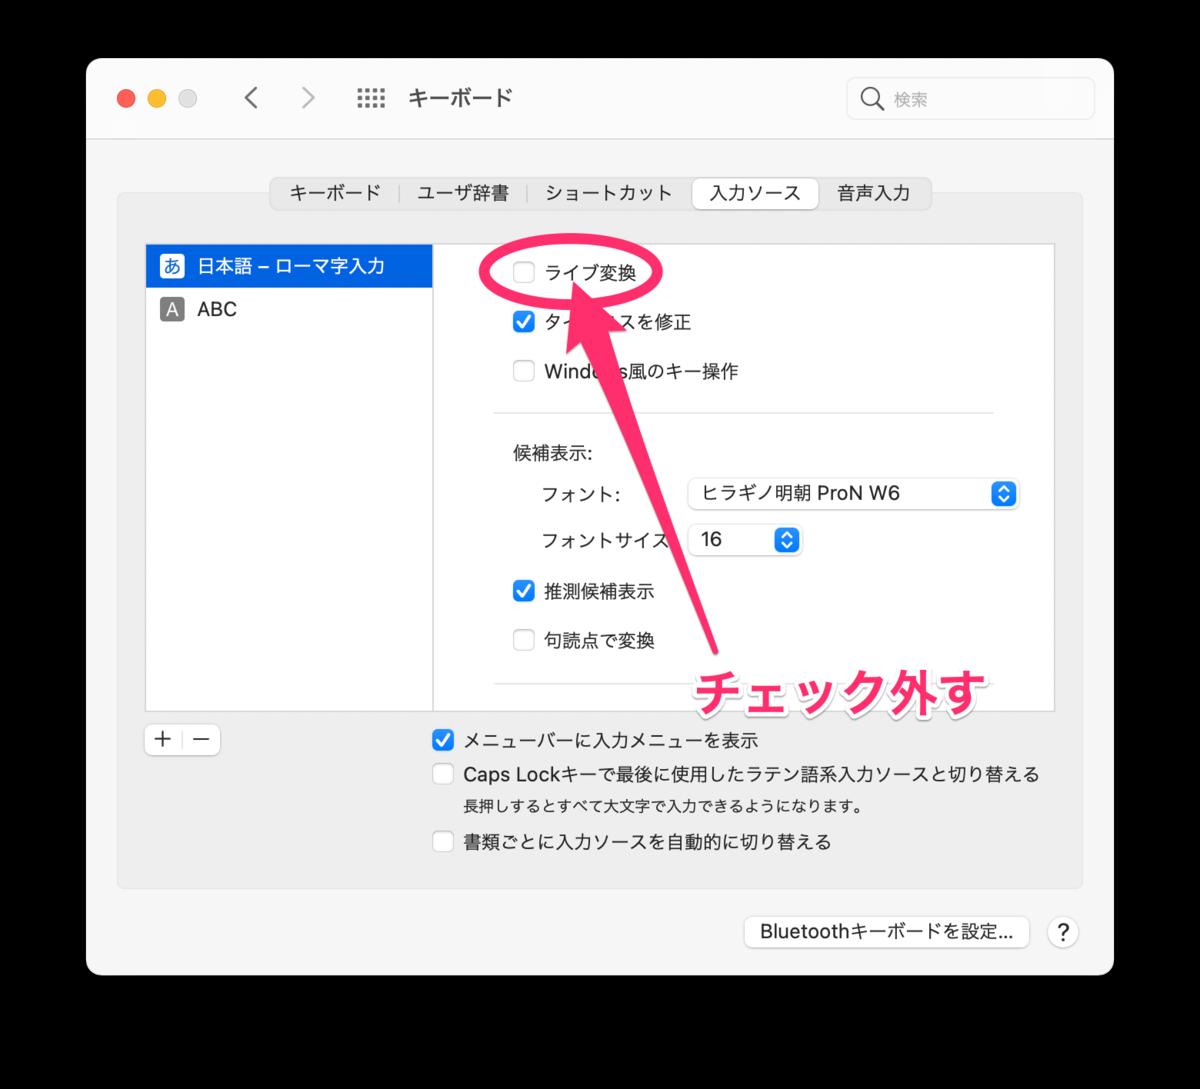 f:id:okinawa-wandabo:20210421130505p:plain